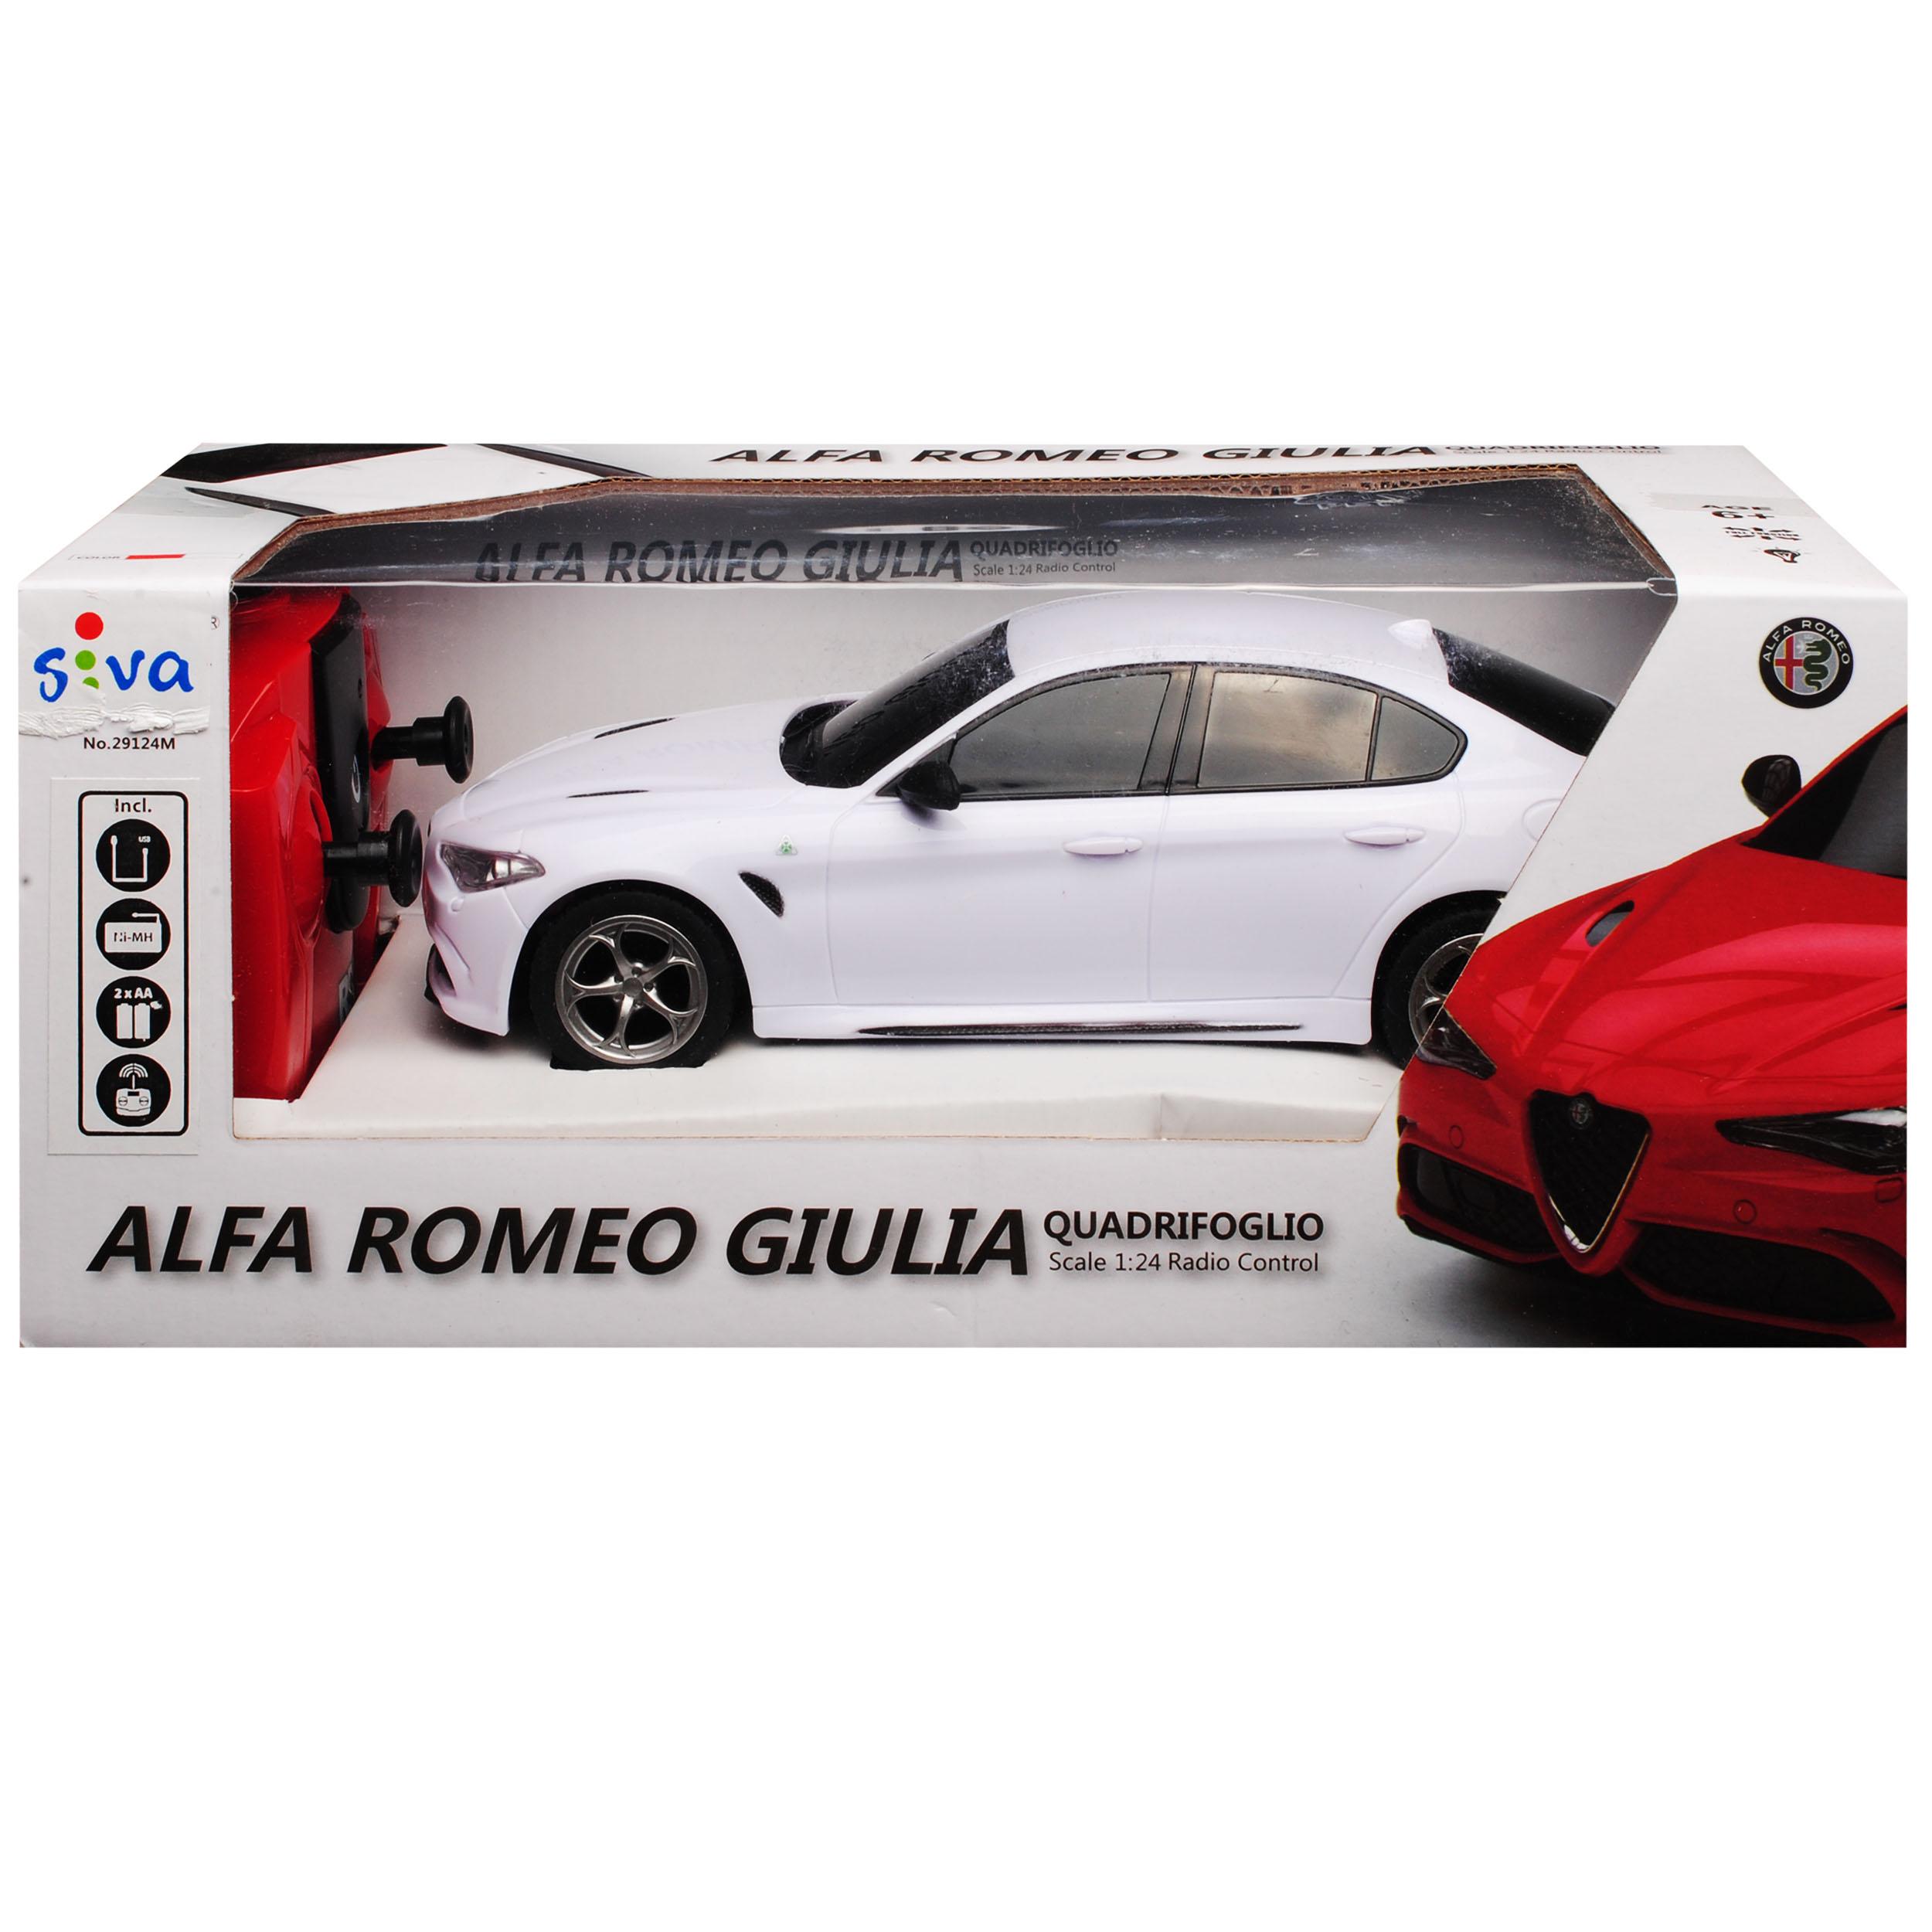 ALFA ROMEO GIULIA bianco dal 2016 2,4 GHz RC Auto Radio con illuminazione e akkupa...